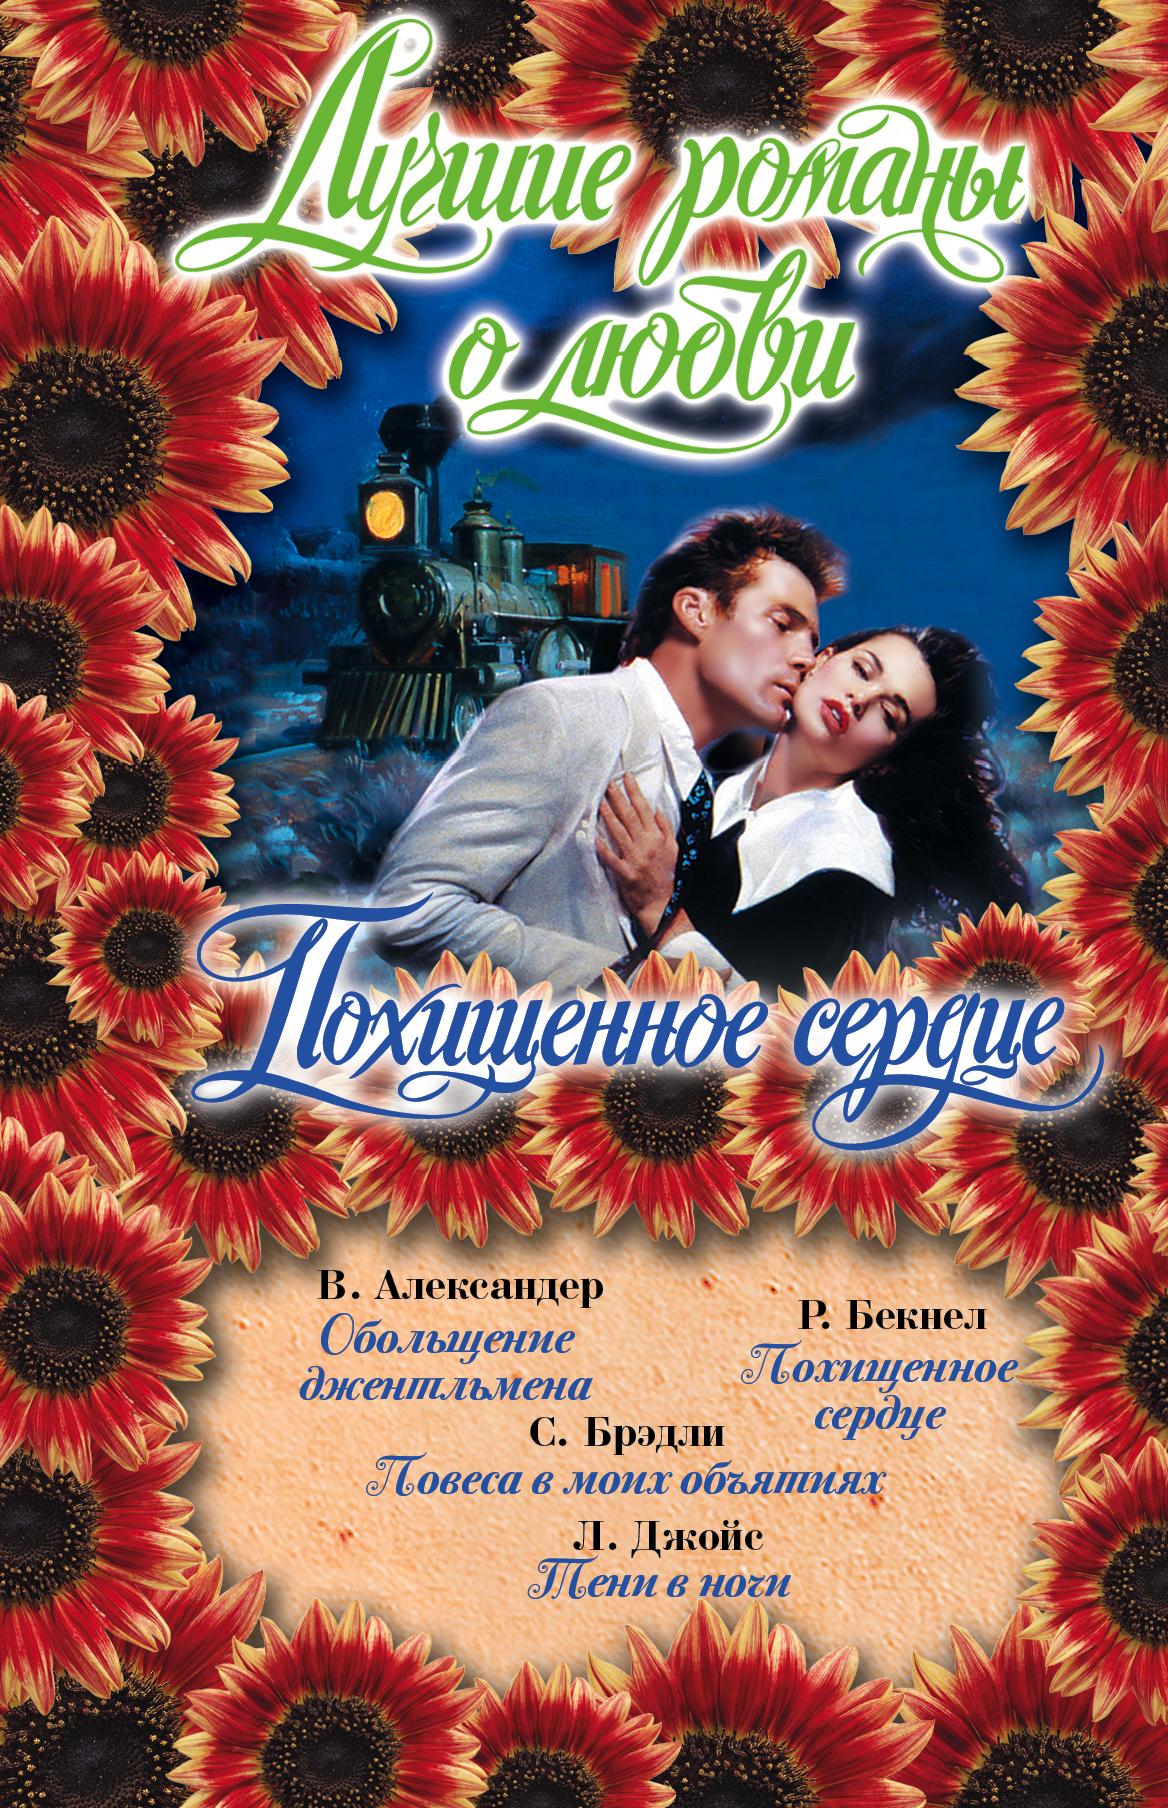 Лучшие романы о любви (Похищенное сердце)